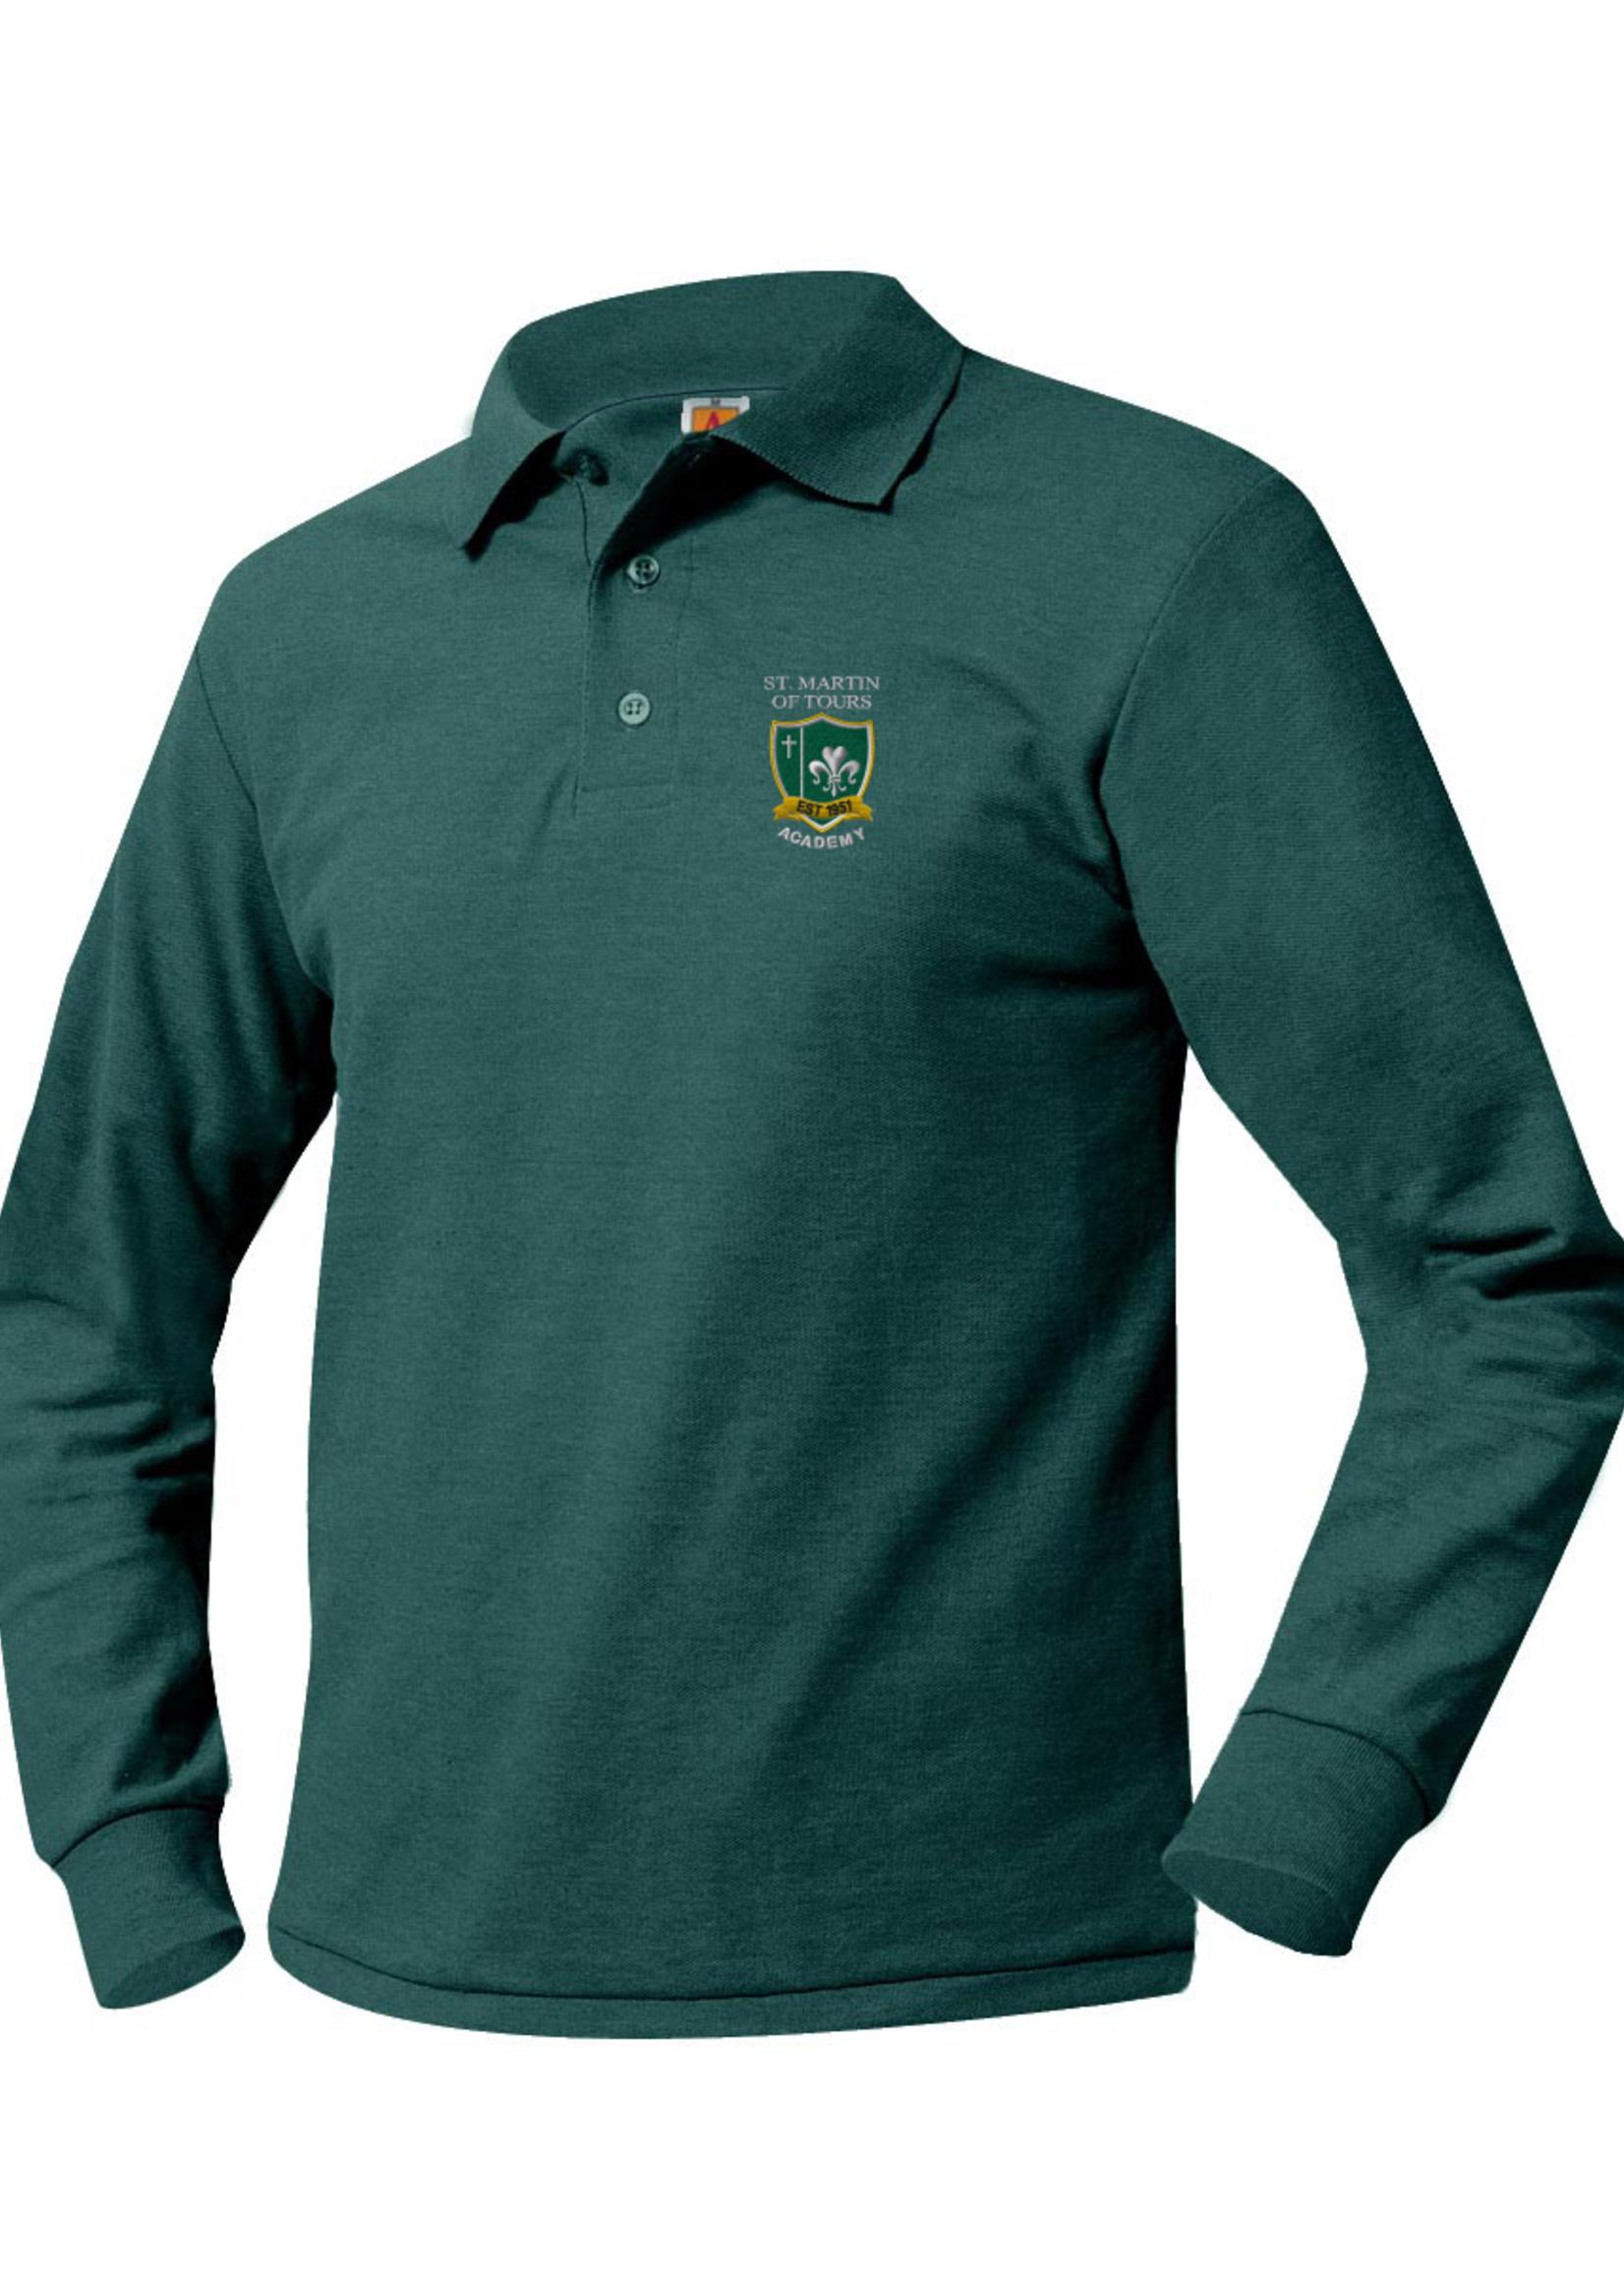 TUS SMTA Long Sleeve Pique Polo